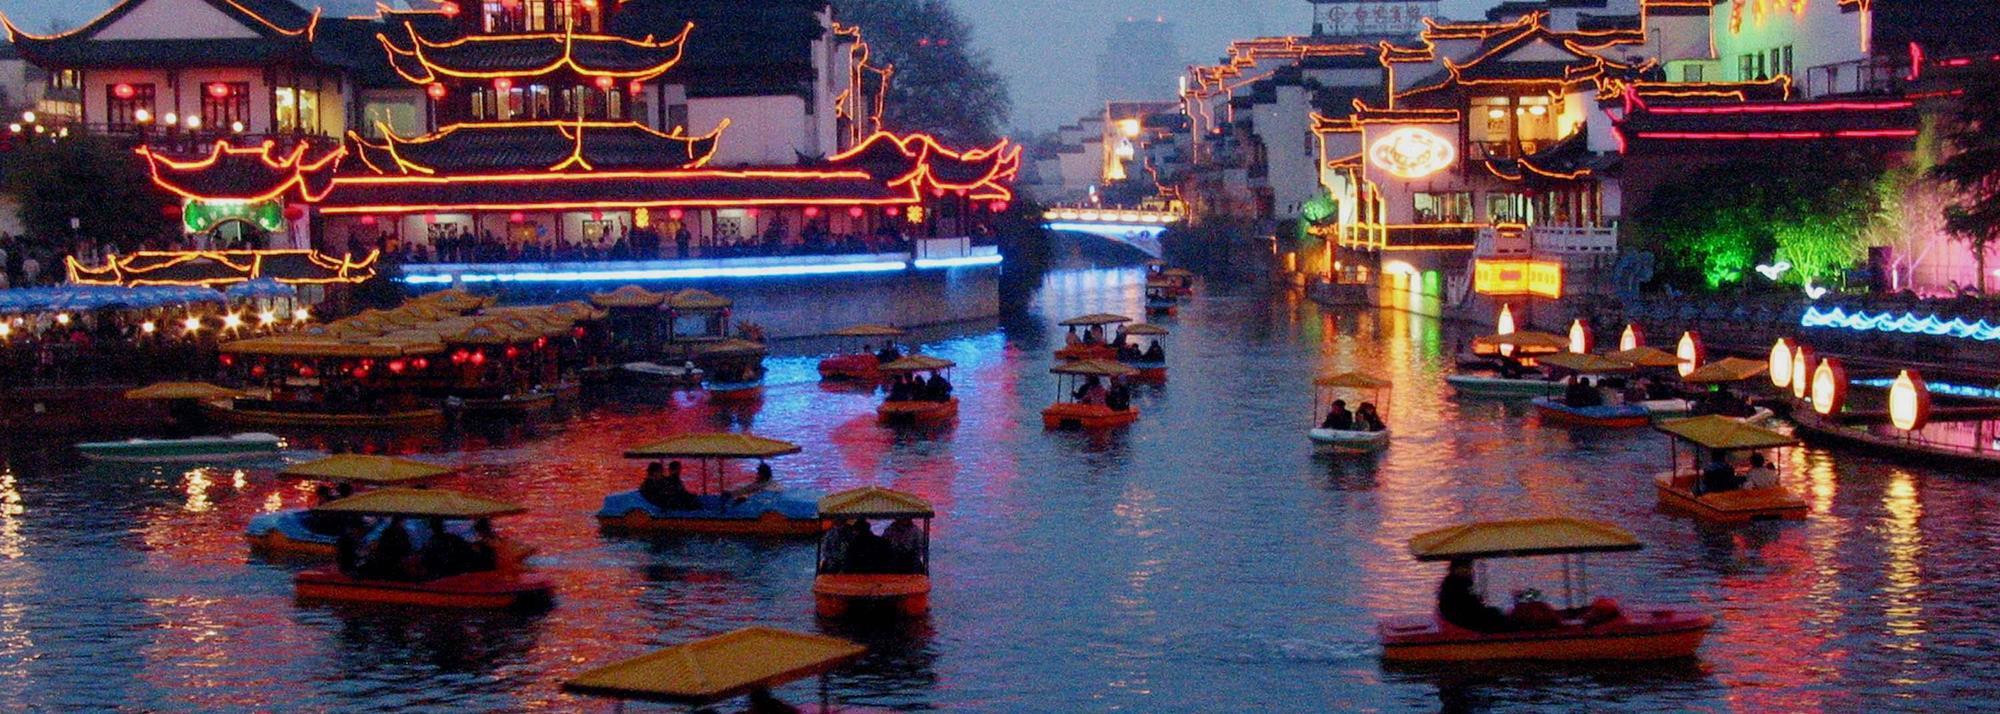 City guide - Nanjing